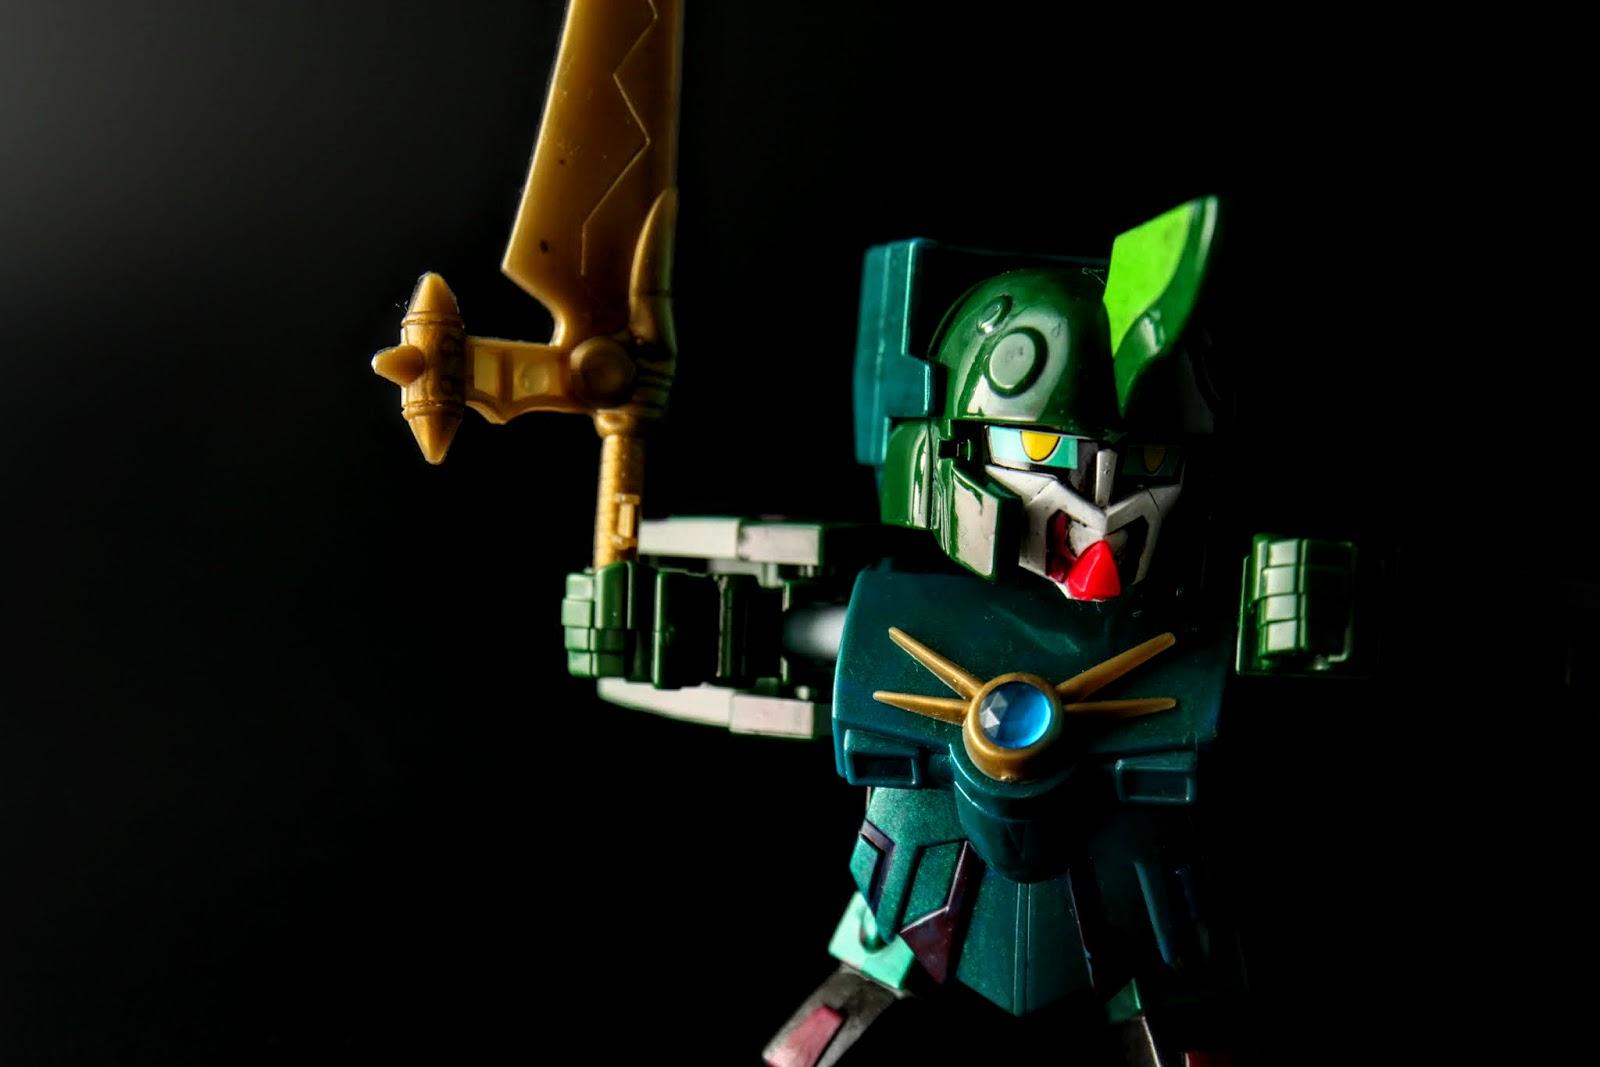 不過這把緑樹魔剣模有點壞掉,是歪的;原型是サイコガンダムmk-II